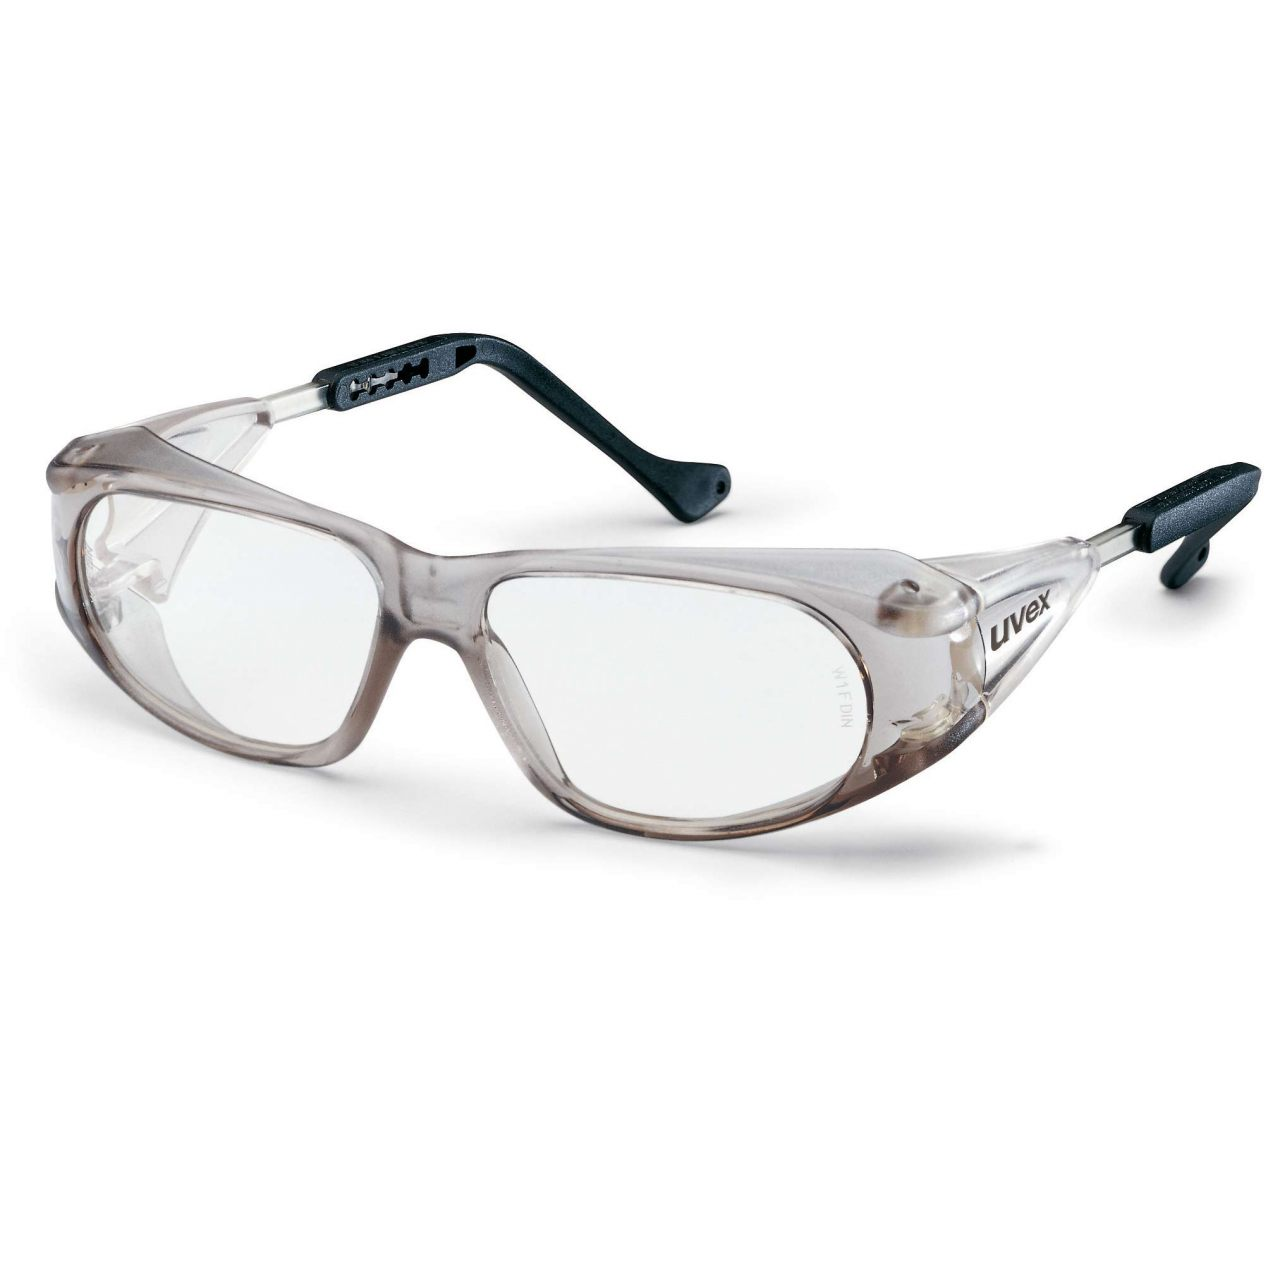 lunettes de protection adapt es la vue uvex 5502 lunettes de protection la vue uvex safety. Black Bedroom Furniture Sets. Home Design Ideas